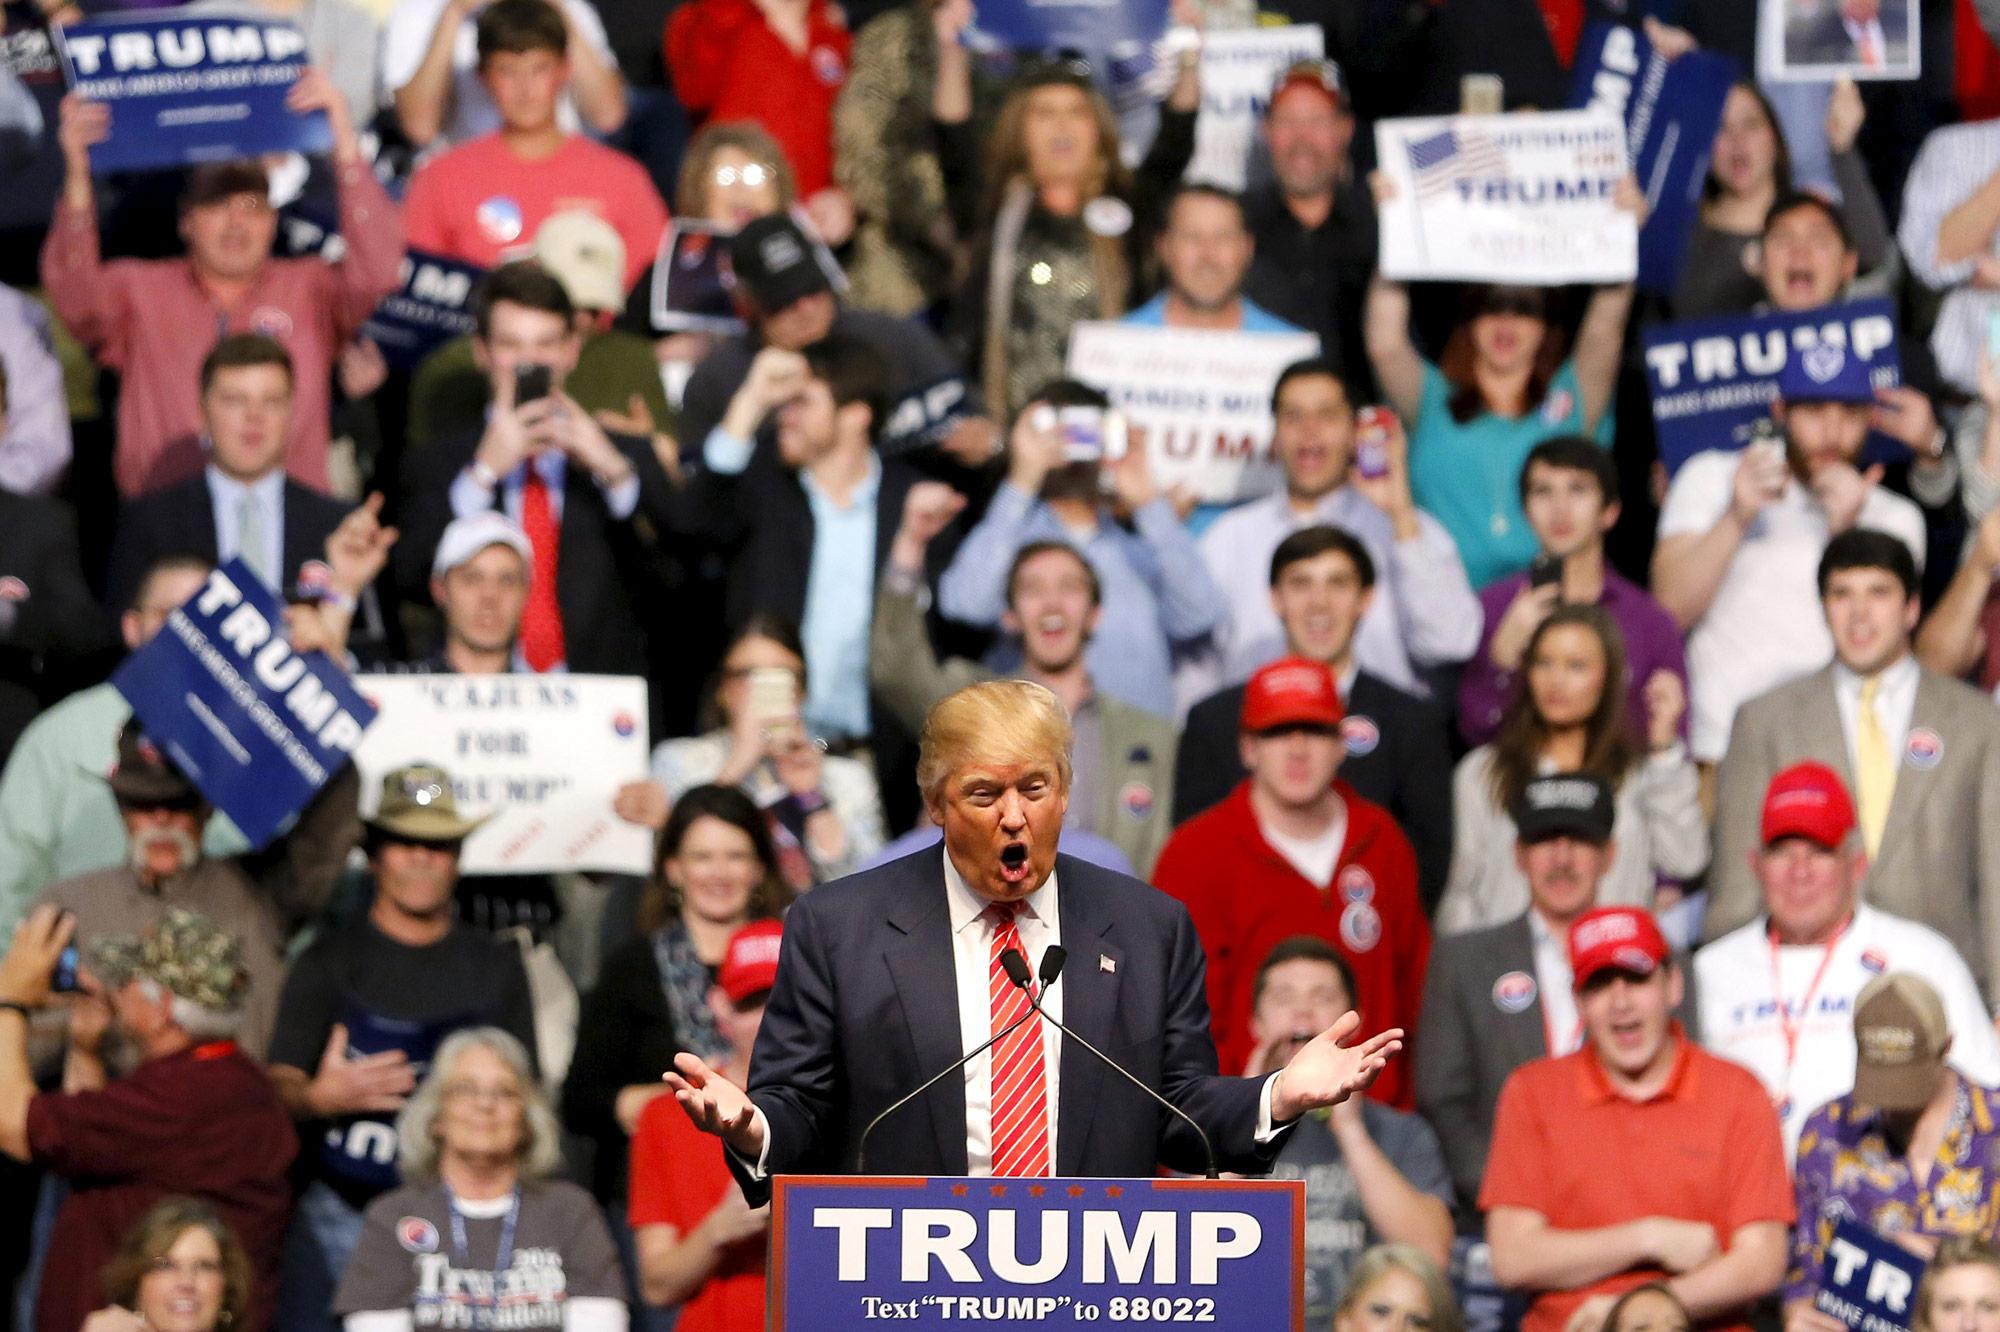 Meeting de Donald Trump à Baton Rouge